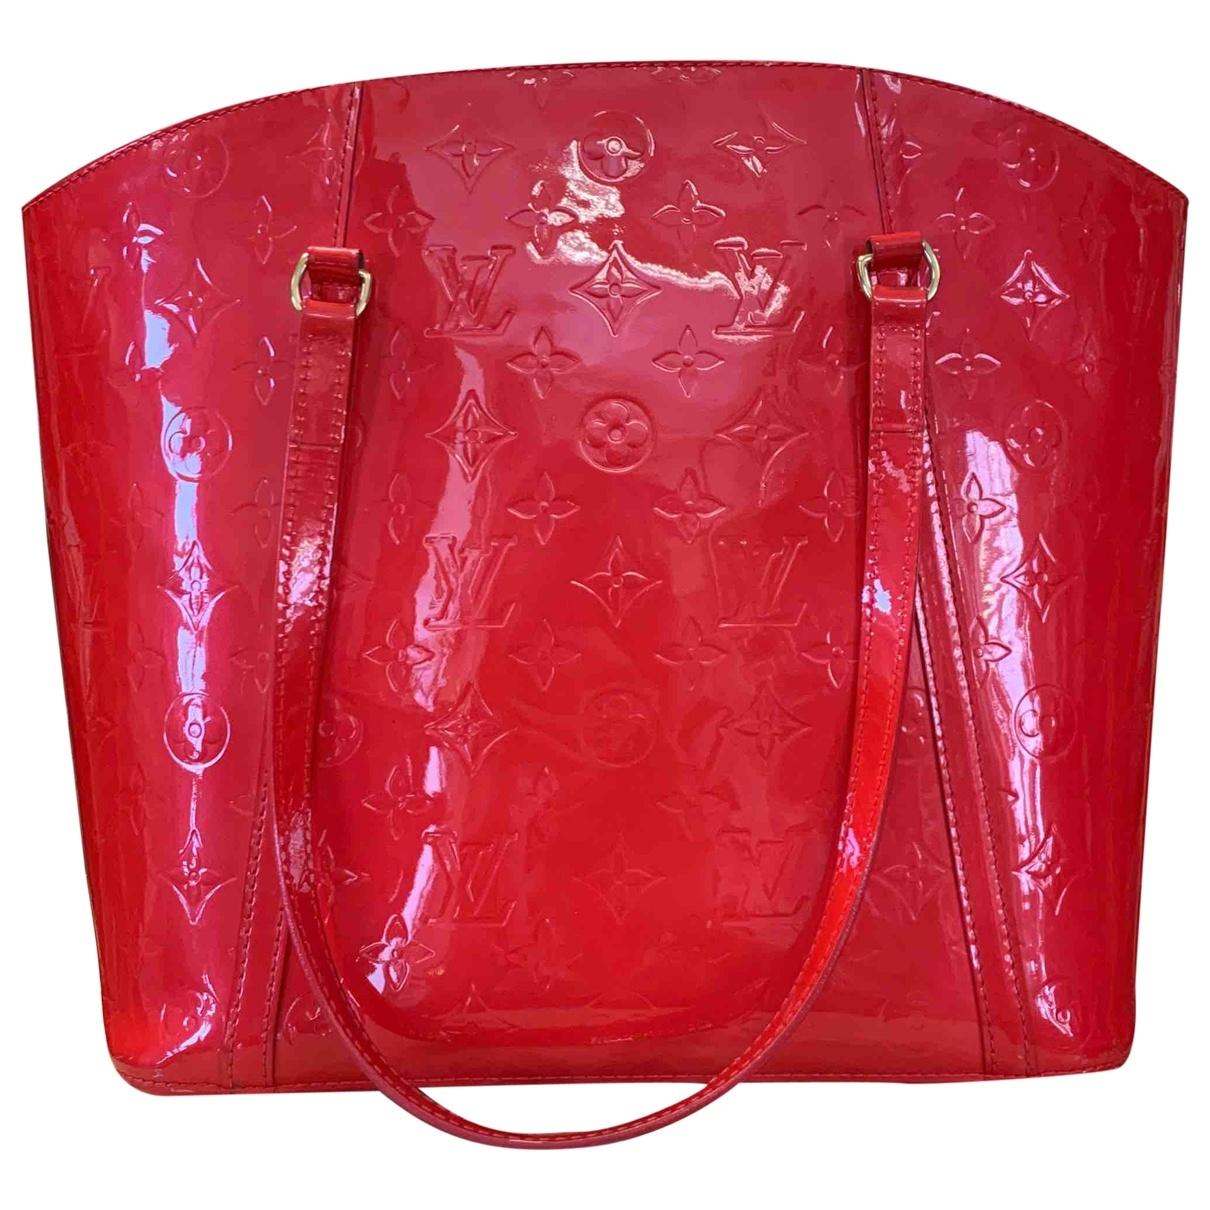 Louis Vuitton - Sac a main Avalon pour femme en cuir - rouge